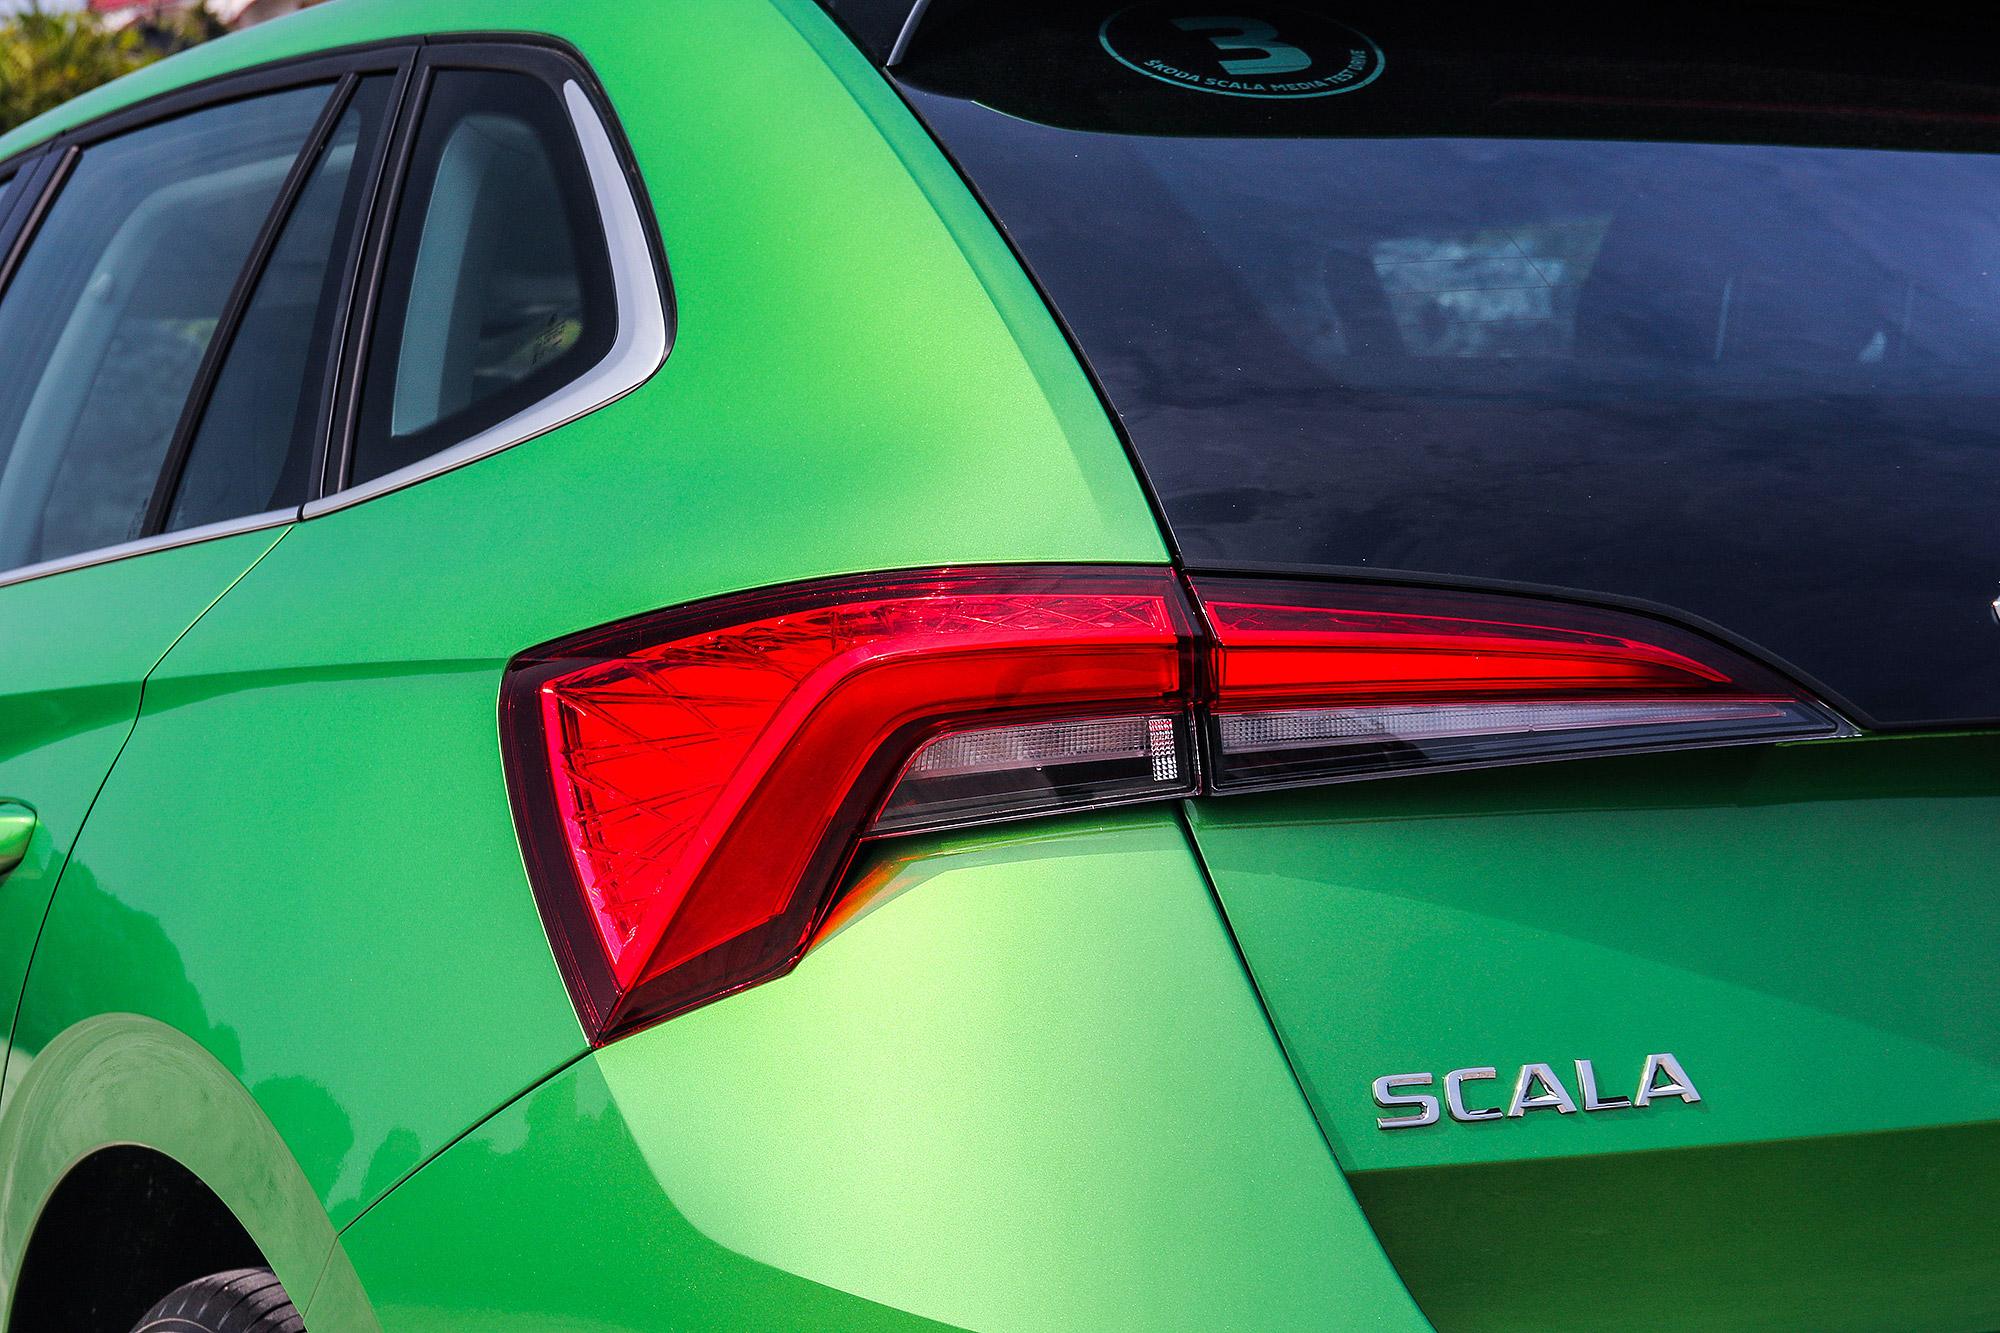 尾燈採用立體式設計,豪華版車型還配有鍍鉻窗框。